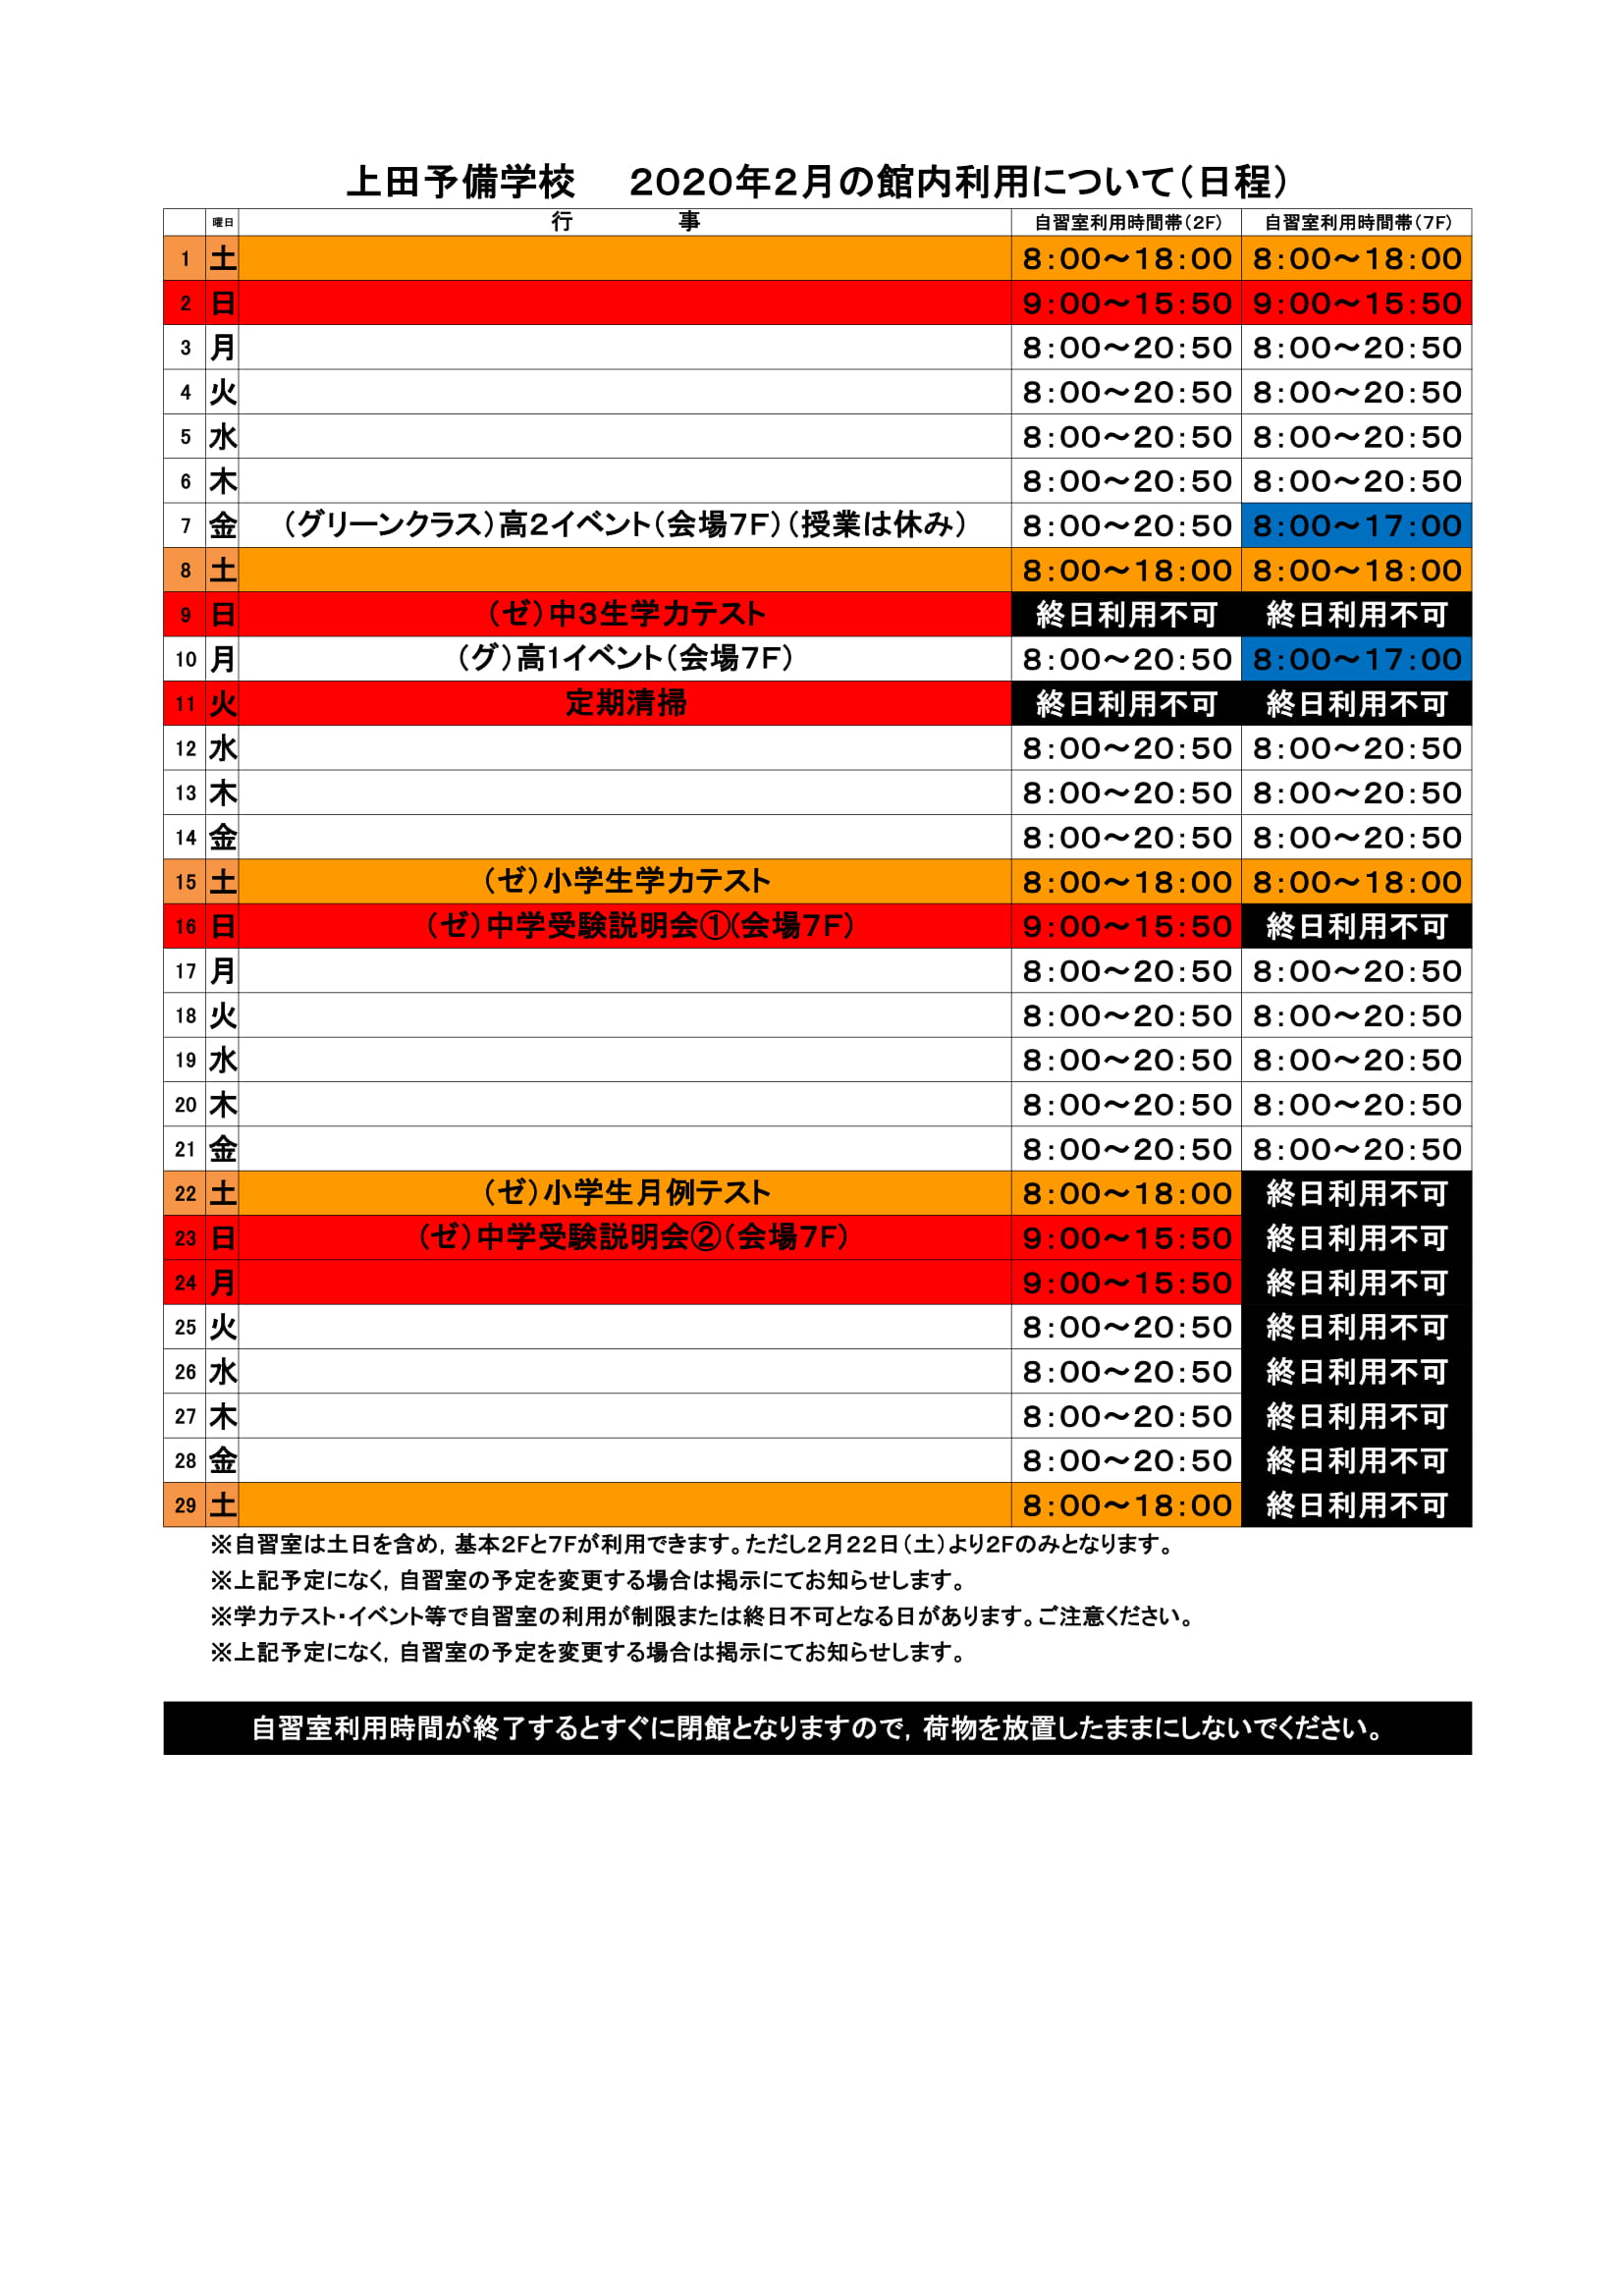 自習室利用日程表2020年2月-1